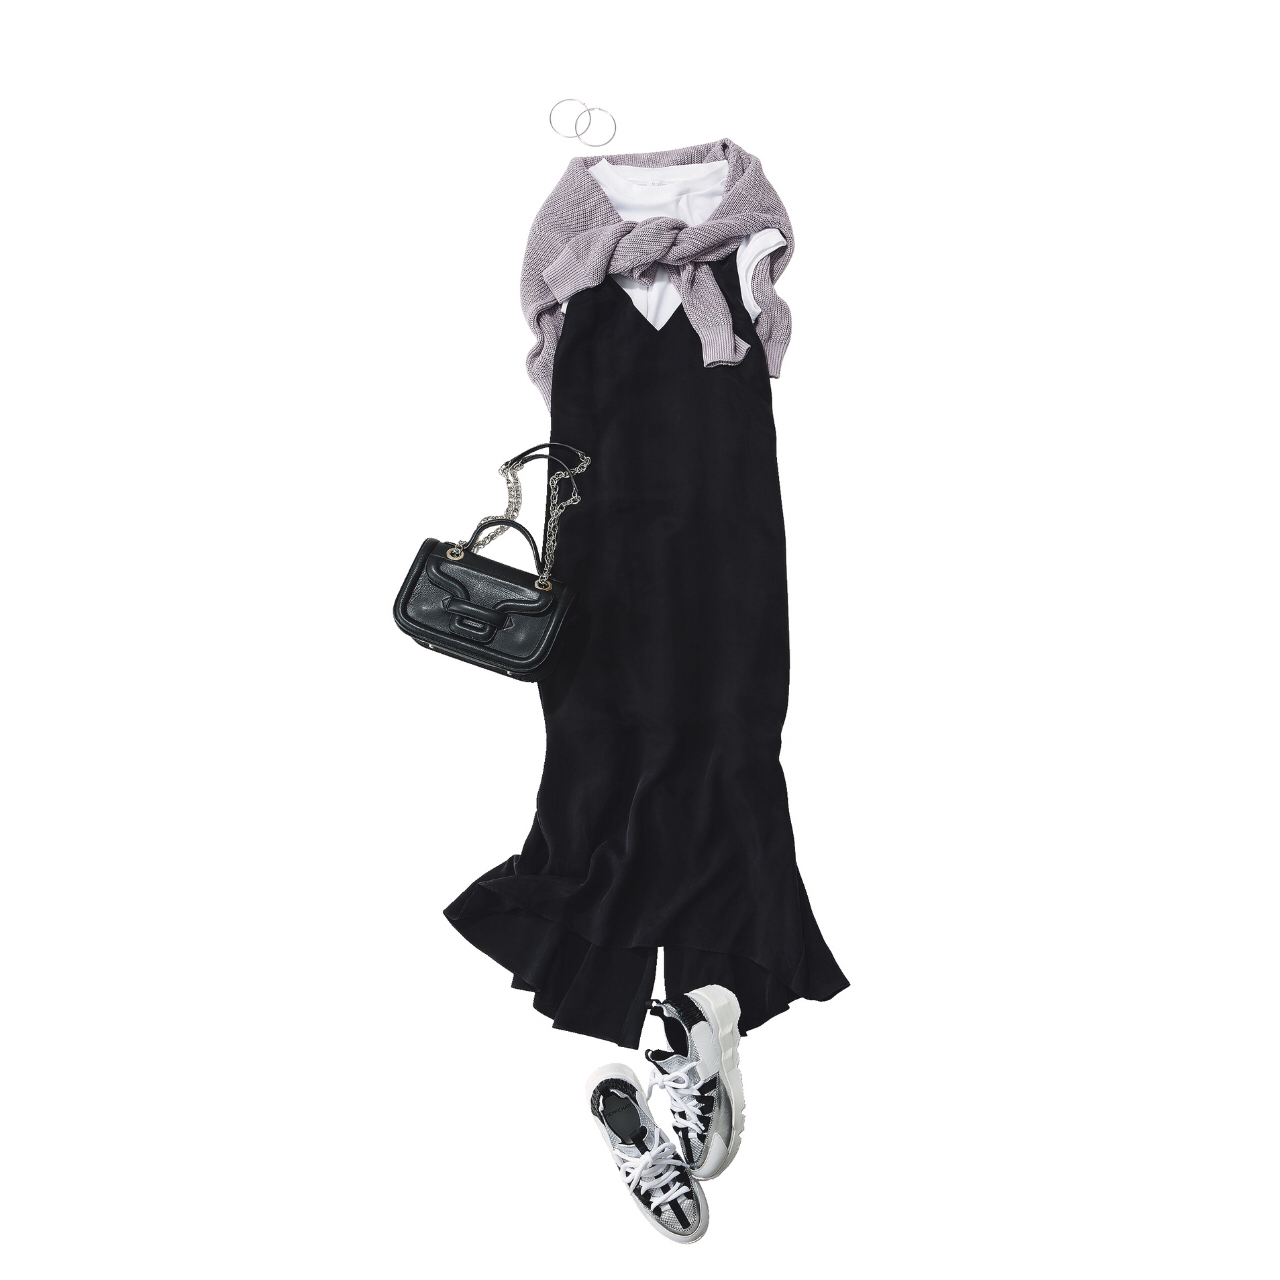 【真夏こそ映える黒コーデ】重たく見えず、シックに決まるアラフォーの黒コーデまとめ|40代ファッション_1_7